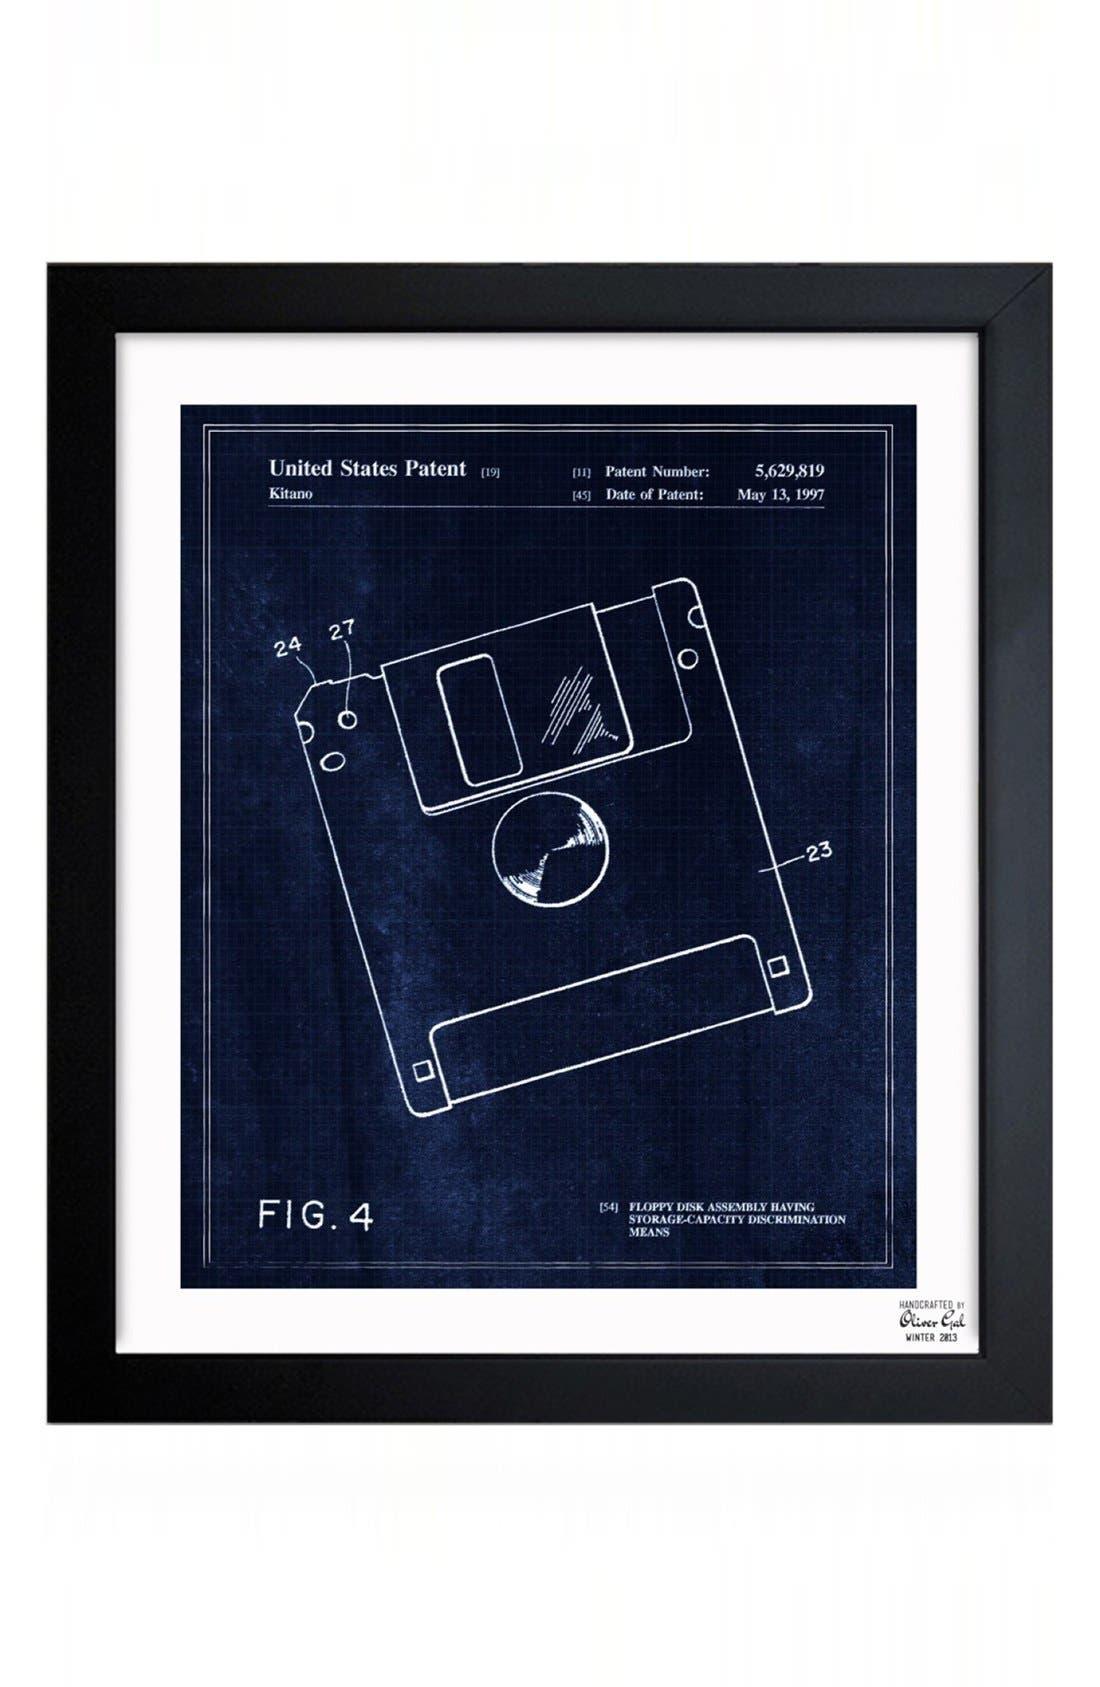 Alternate Image 1 Selected - Oliver Gal 'Floppy Disc Blueprint' Framed Print